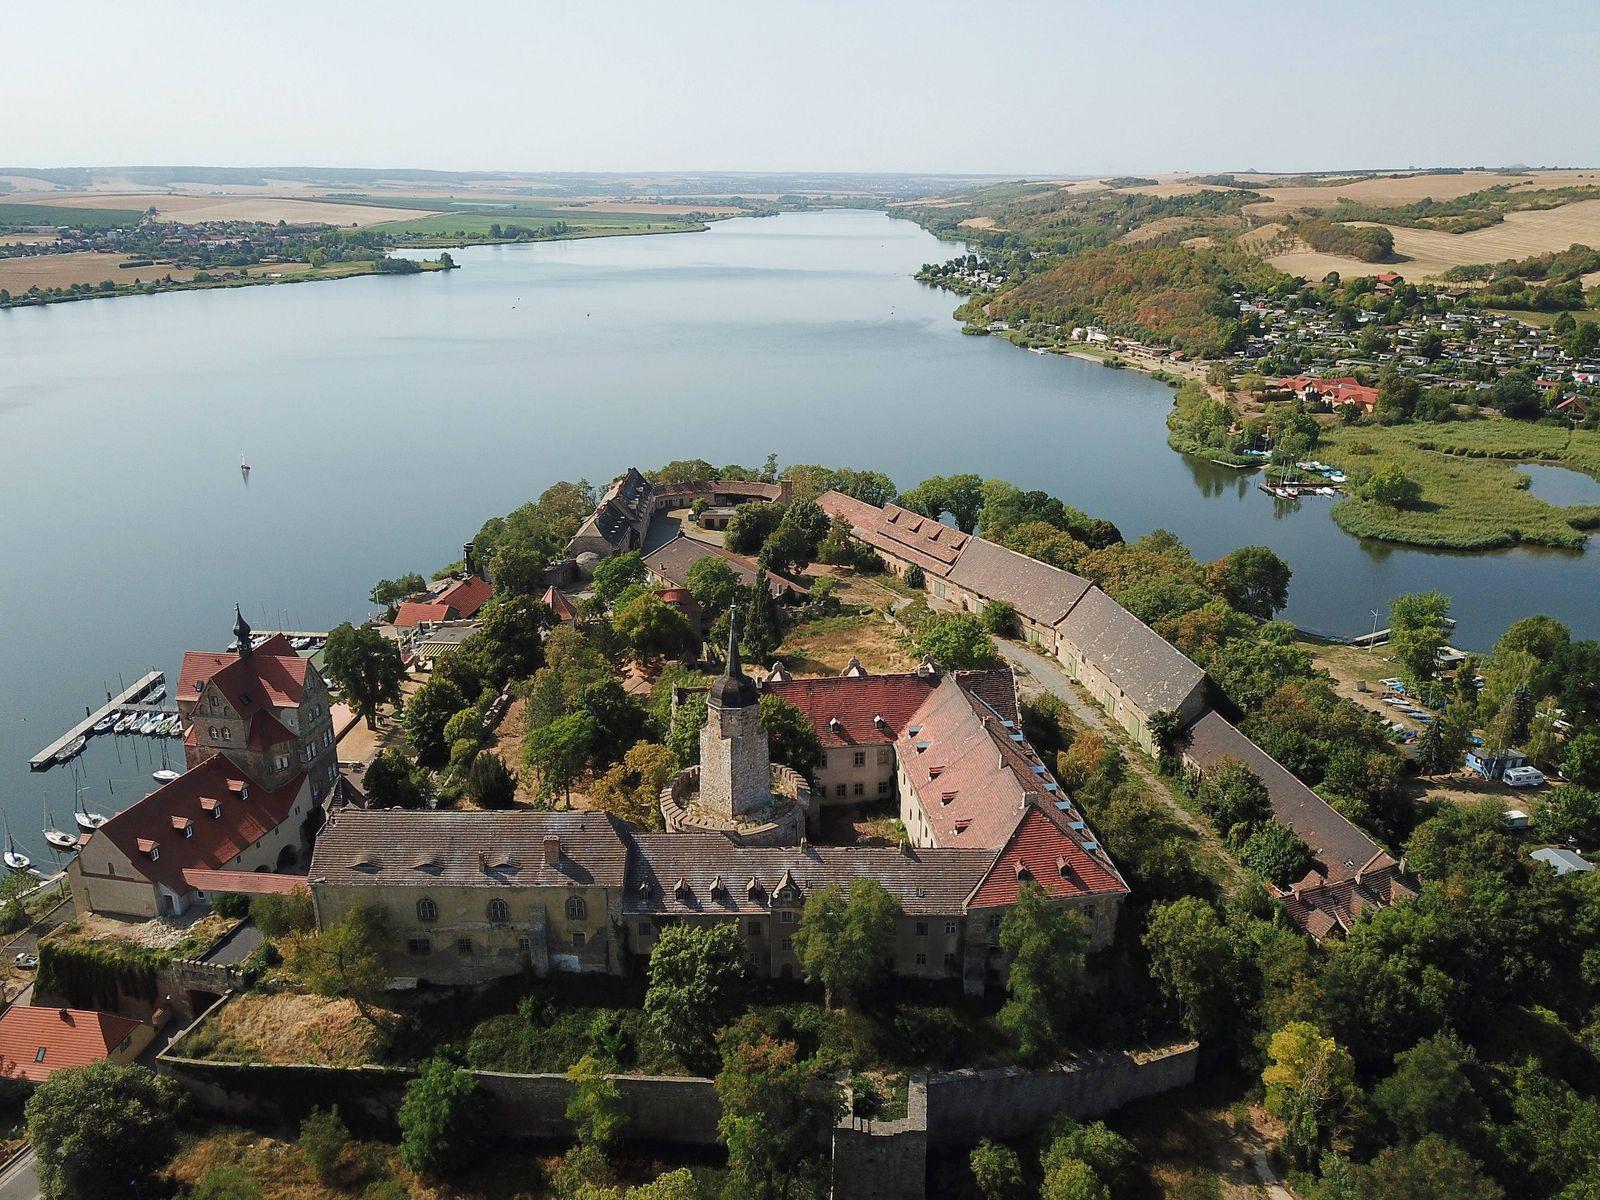 22 08 2018 Schloß Seeburg Mansfelder Land Süßer See Sachsen Anhalt Schloss Tourismus Luftaufnahme St